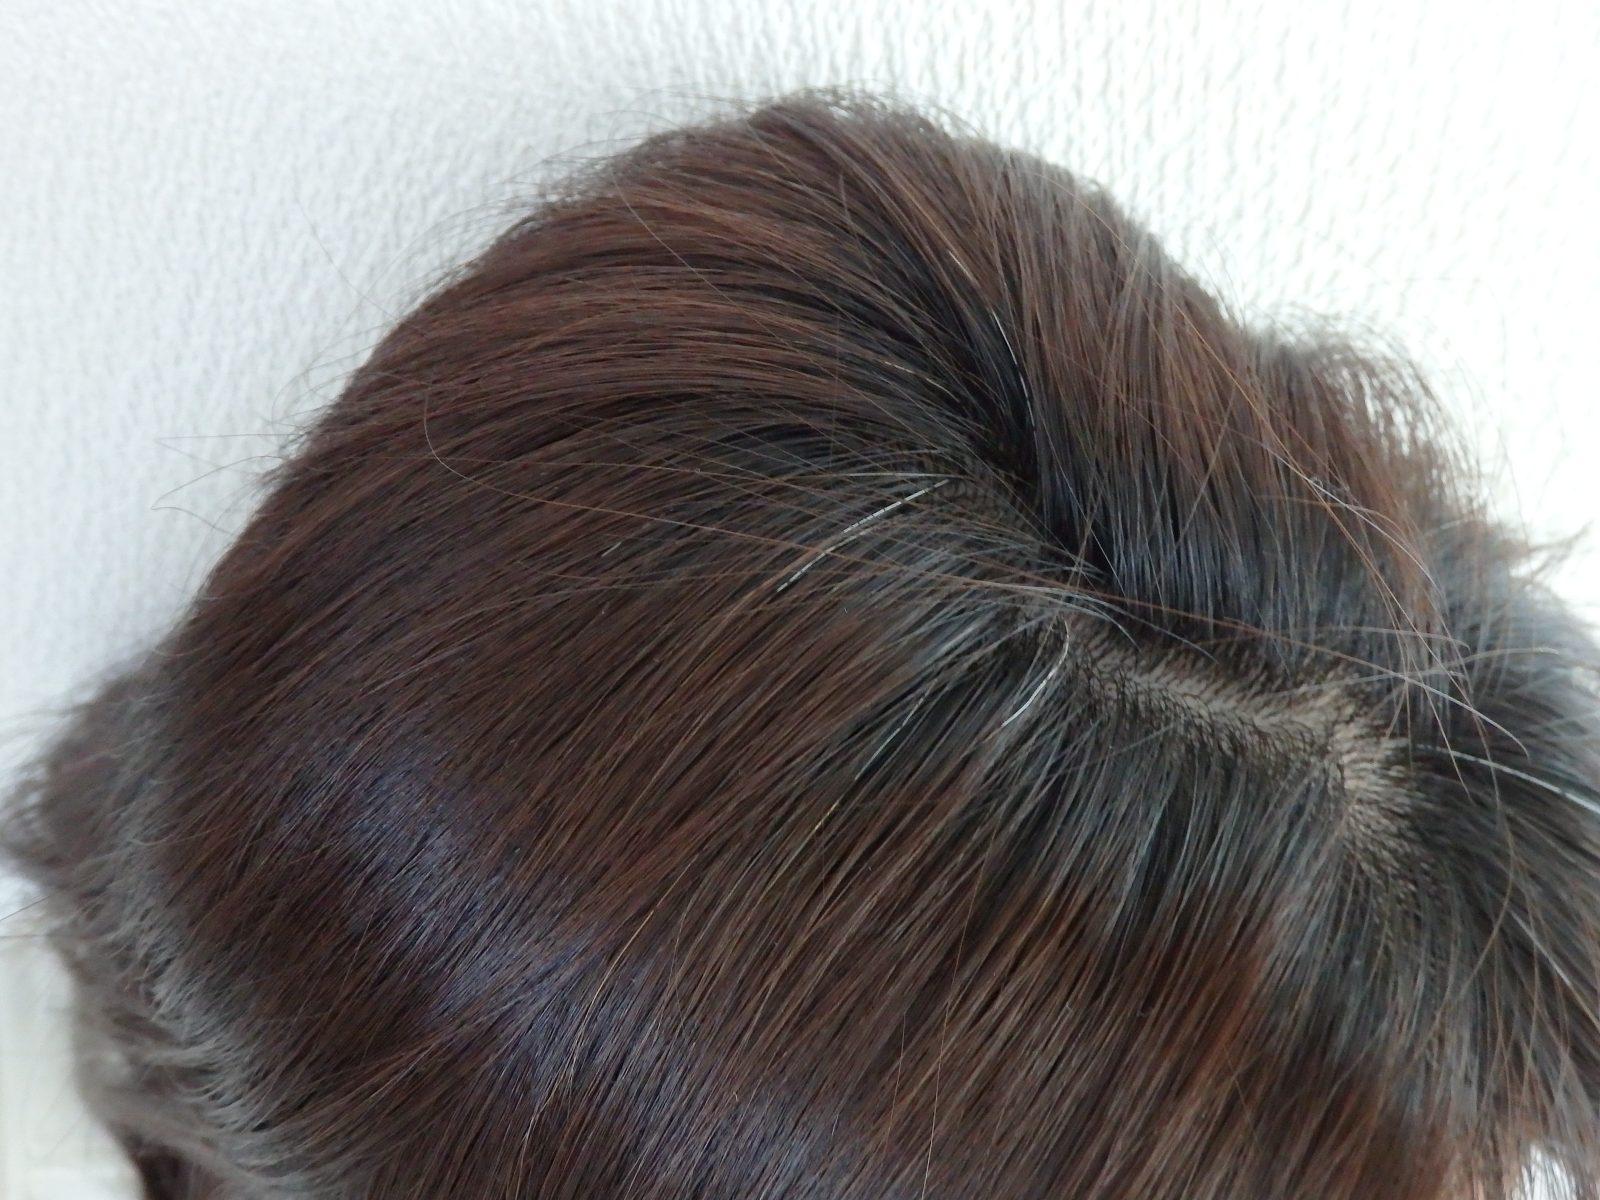 白髪が簡単に隠せた!おすすめヘアファンデーション3品&失敗しない使い方5点